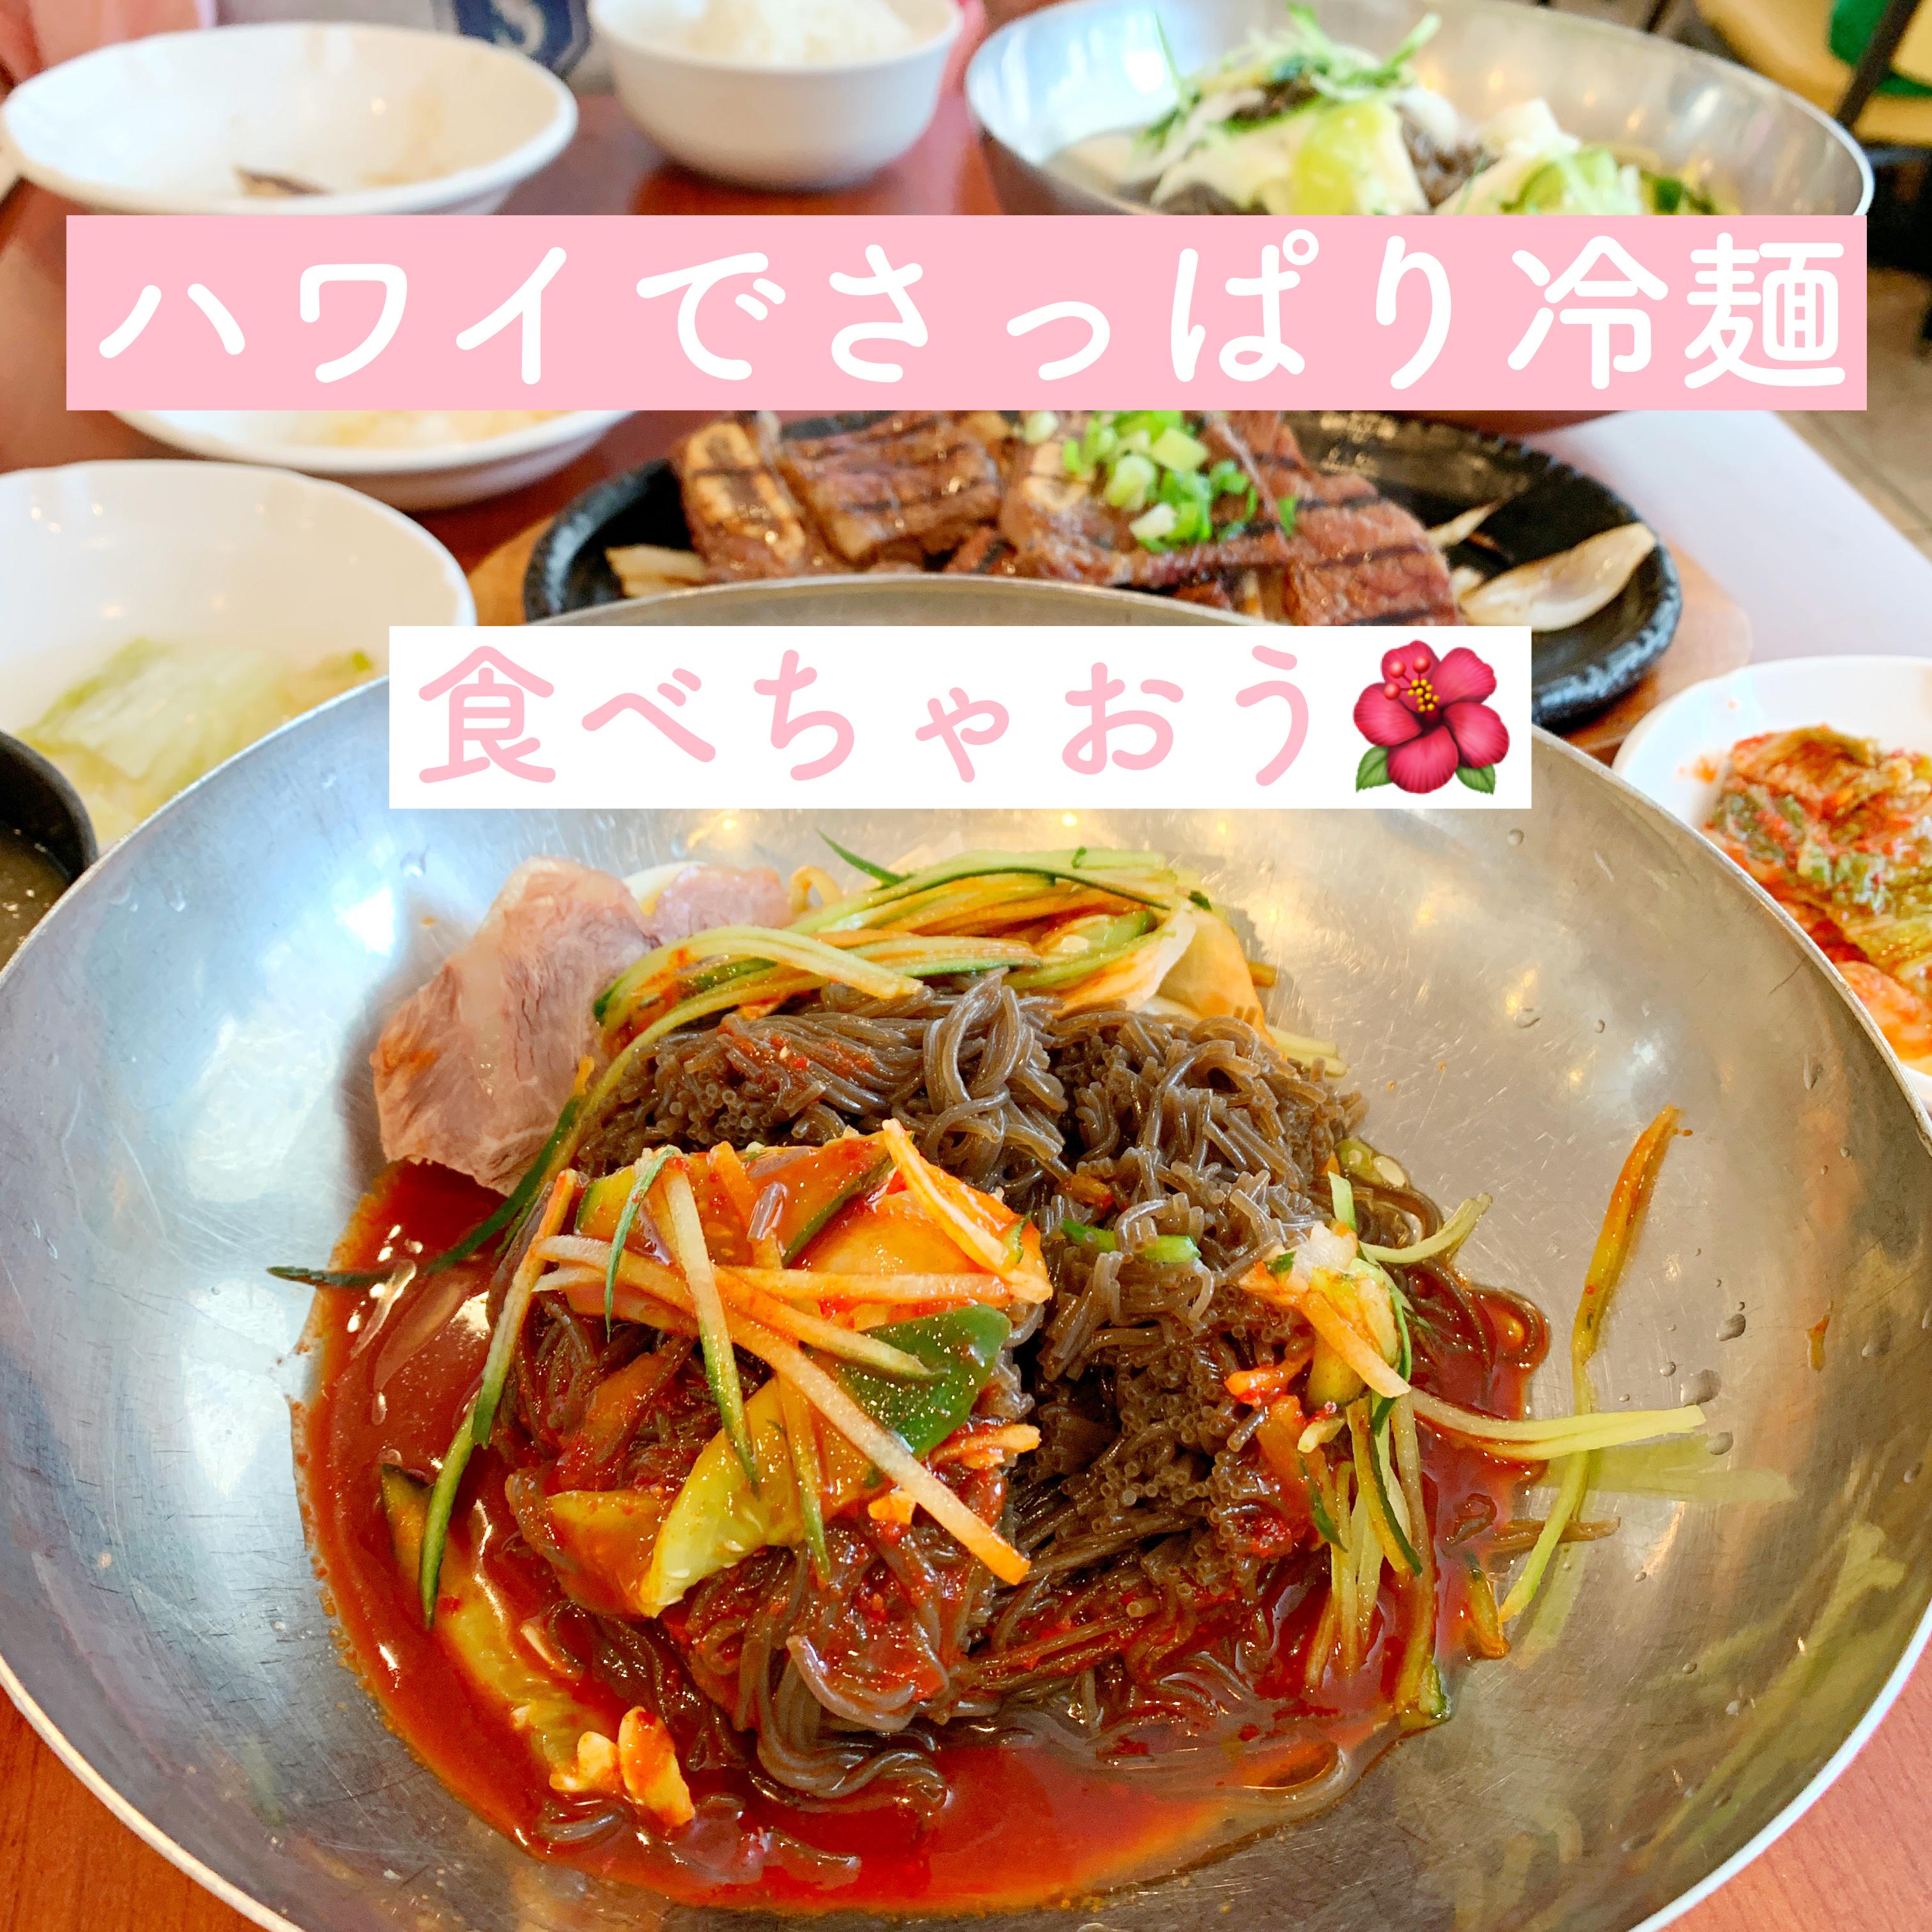 【ハワイの人気冷麺】「ユッチャン・コリアン・レストラン」【メニュー・行き方】